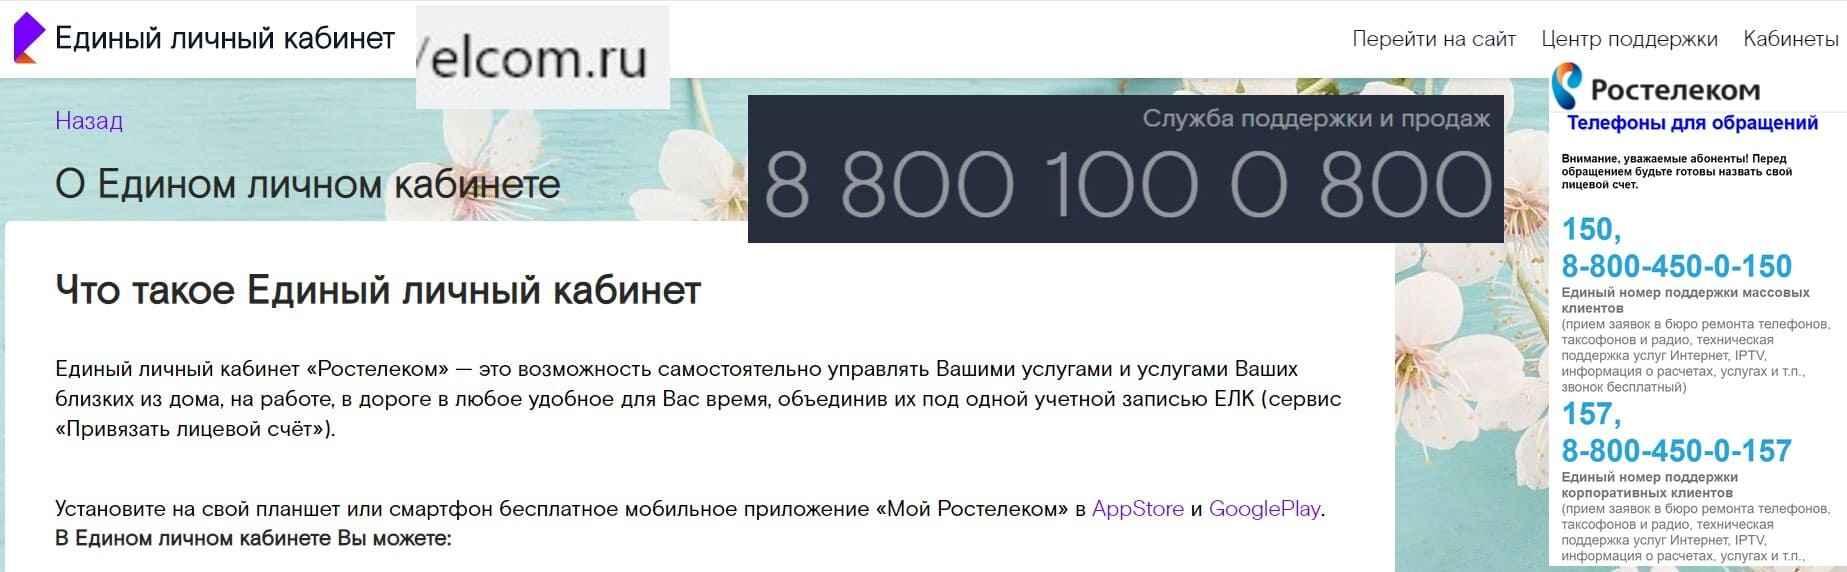 Elcom.ru Ростелеком Владимир